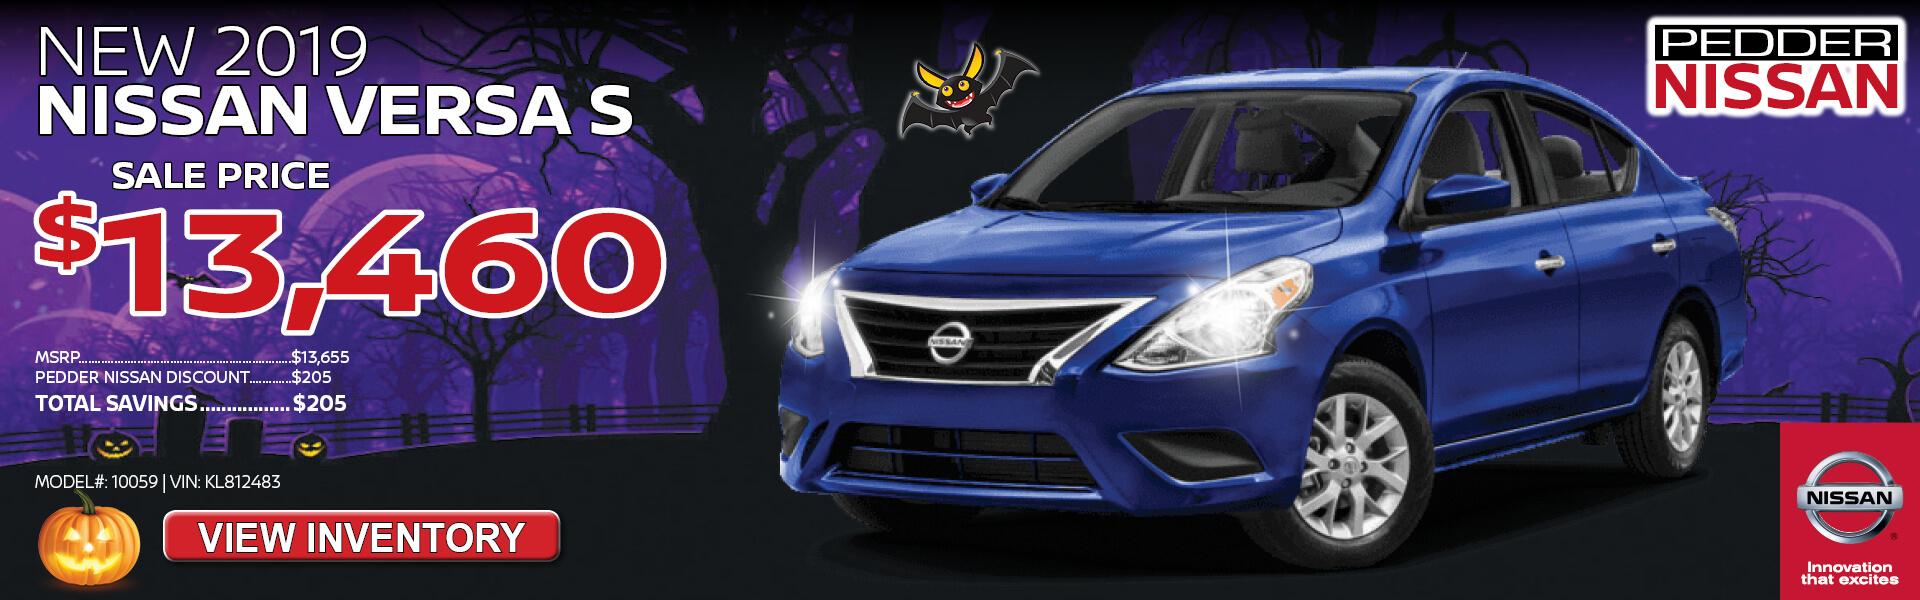 Nissan Versa $13,460 Purchase